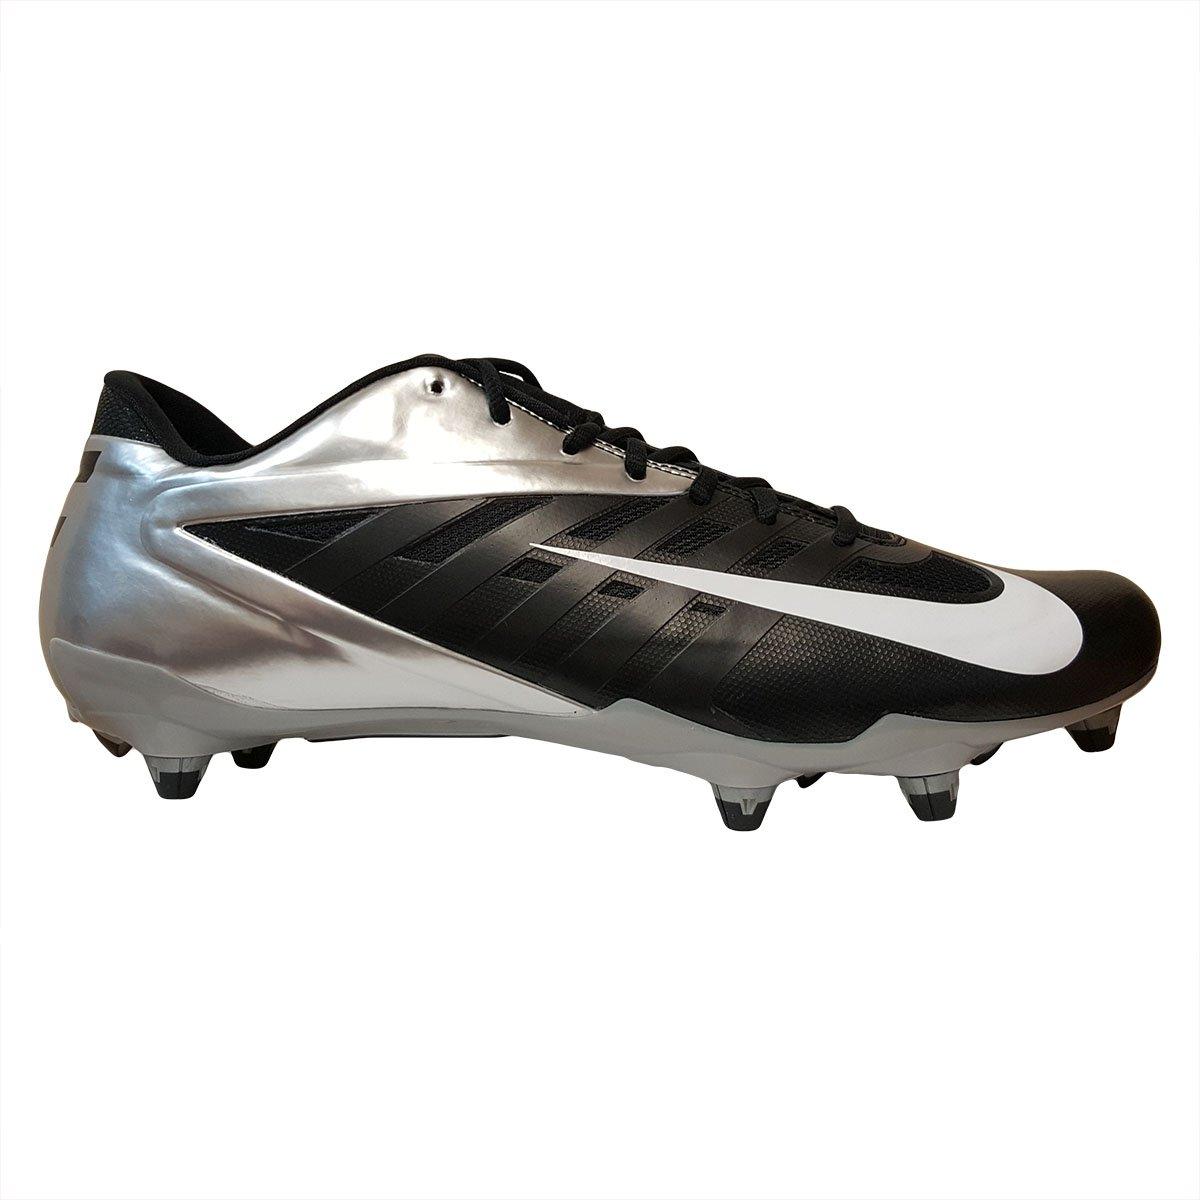 96282295320f7 NIKE Vapor Pro Low D Men's Detachable Football Cleats